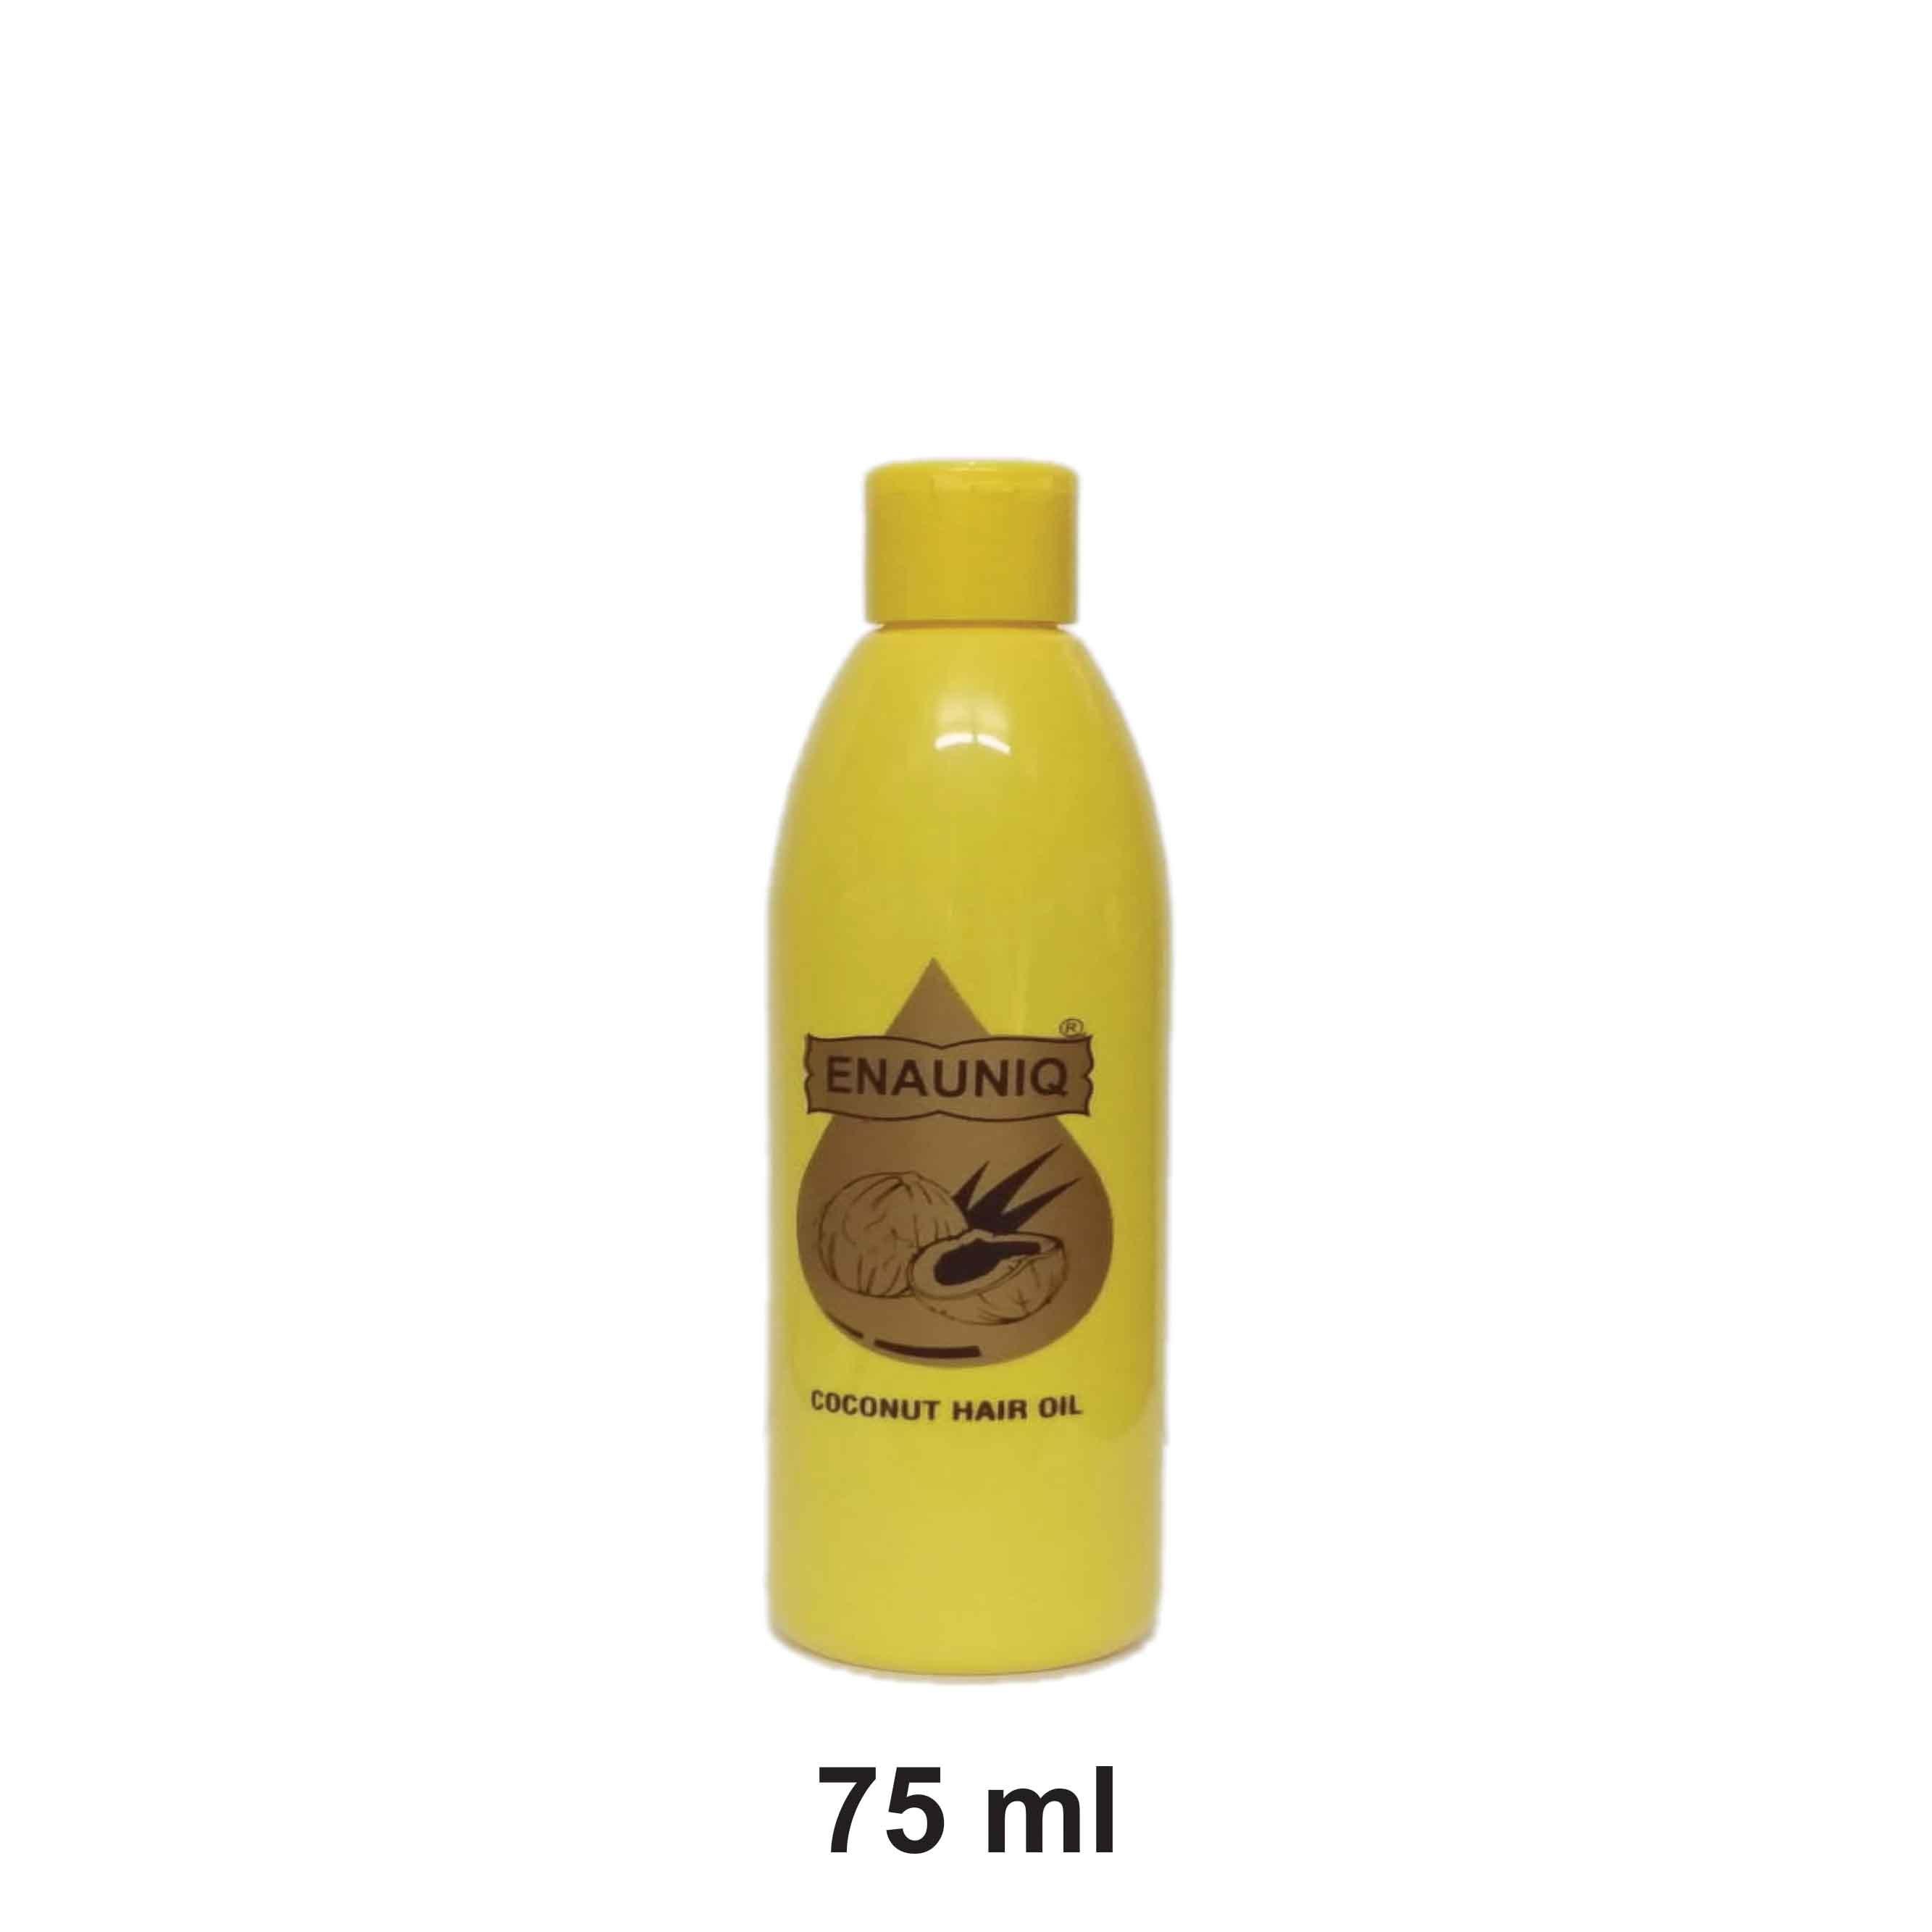 Enauniq Coconut Hair Oil